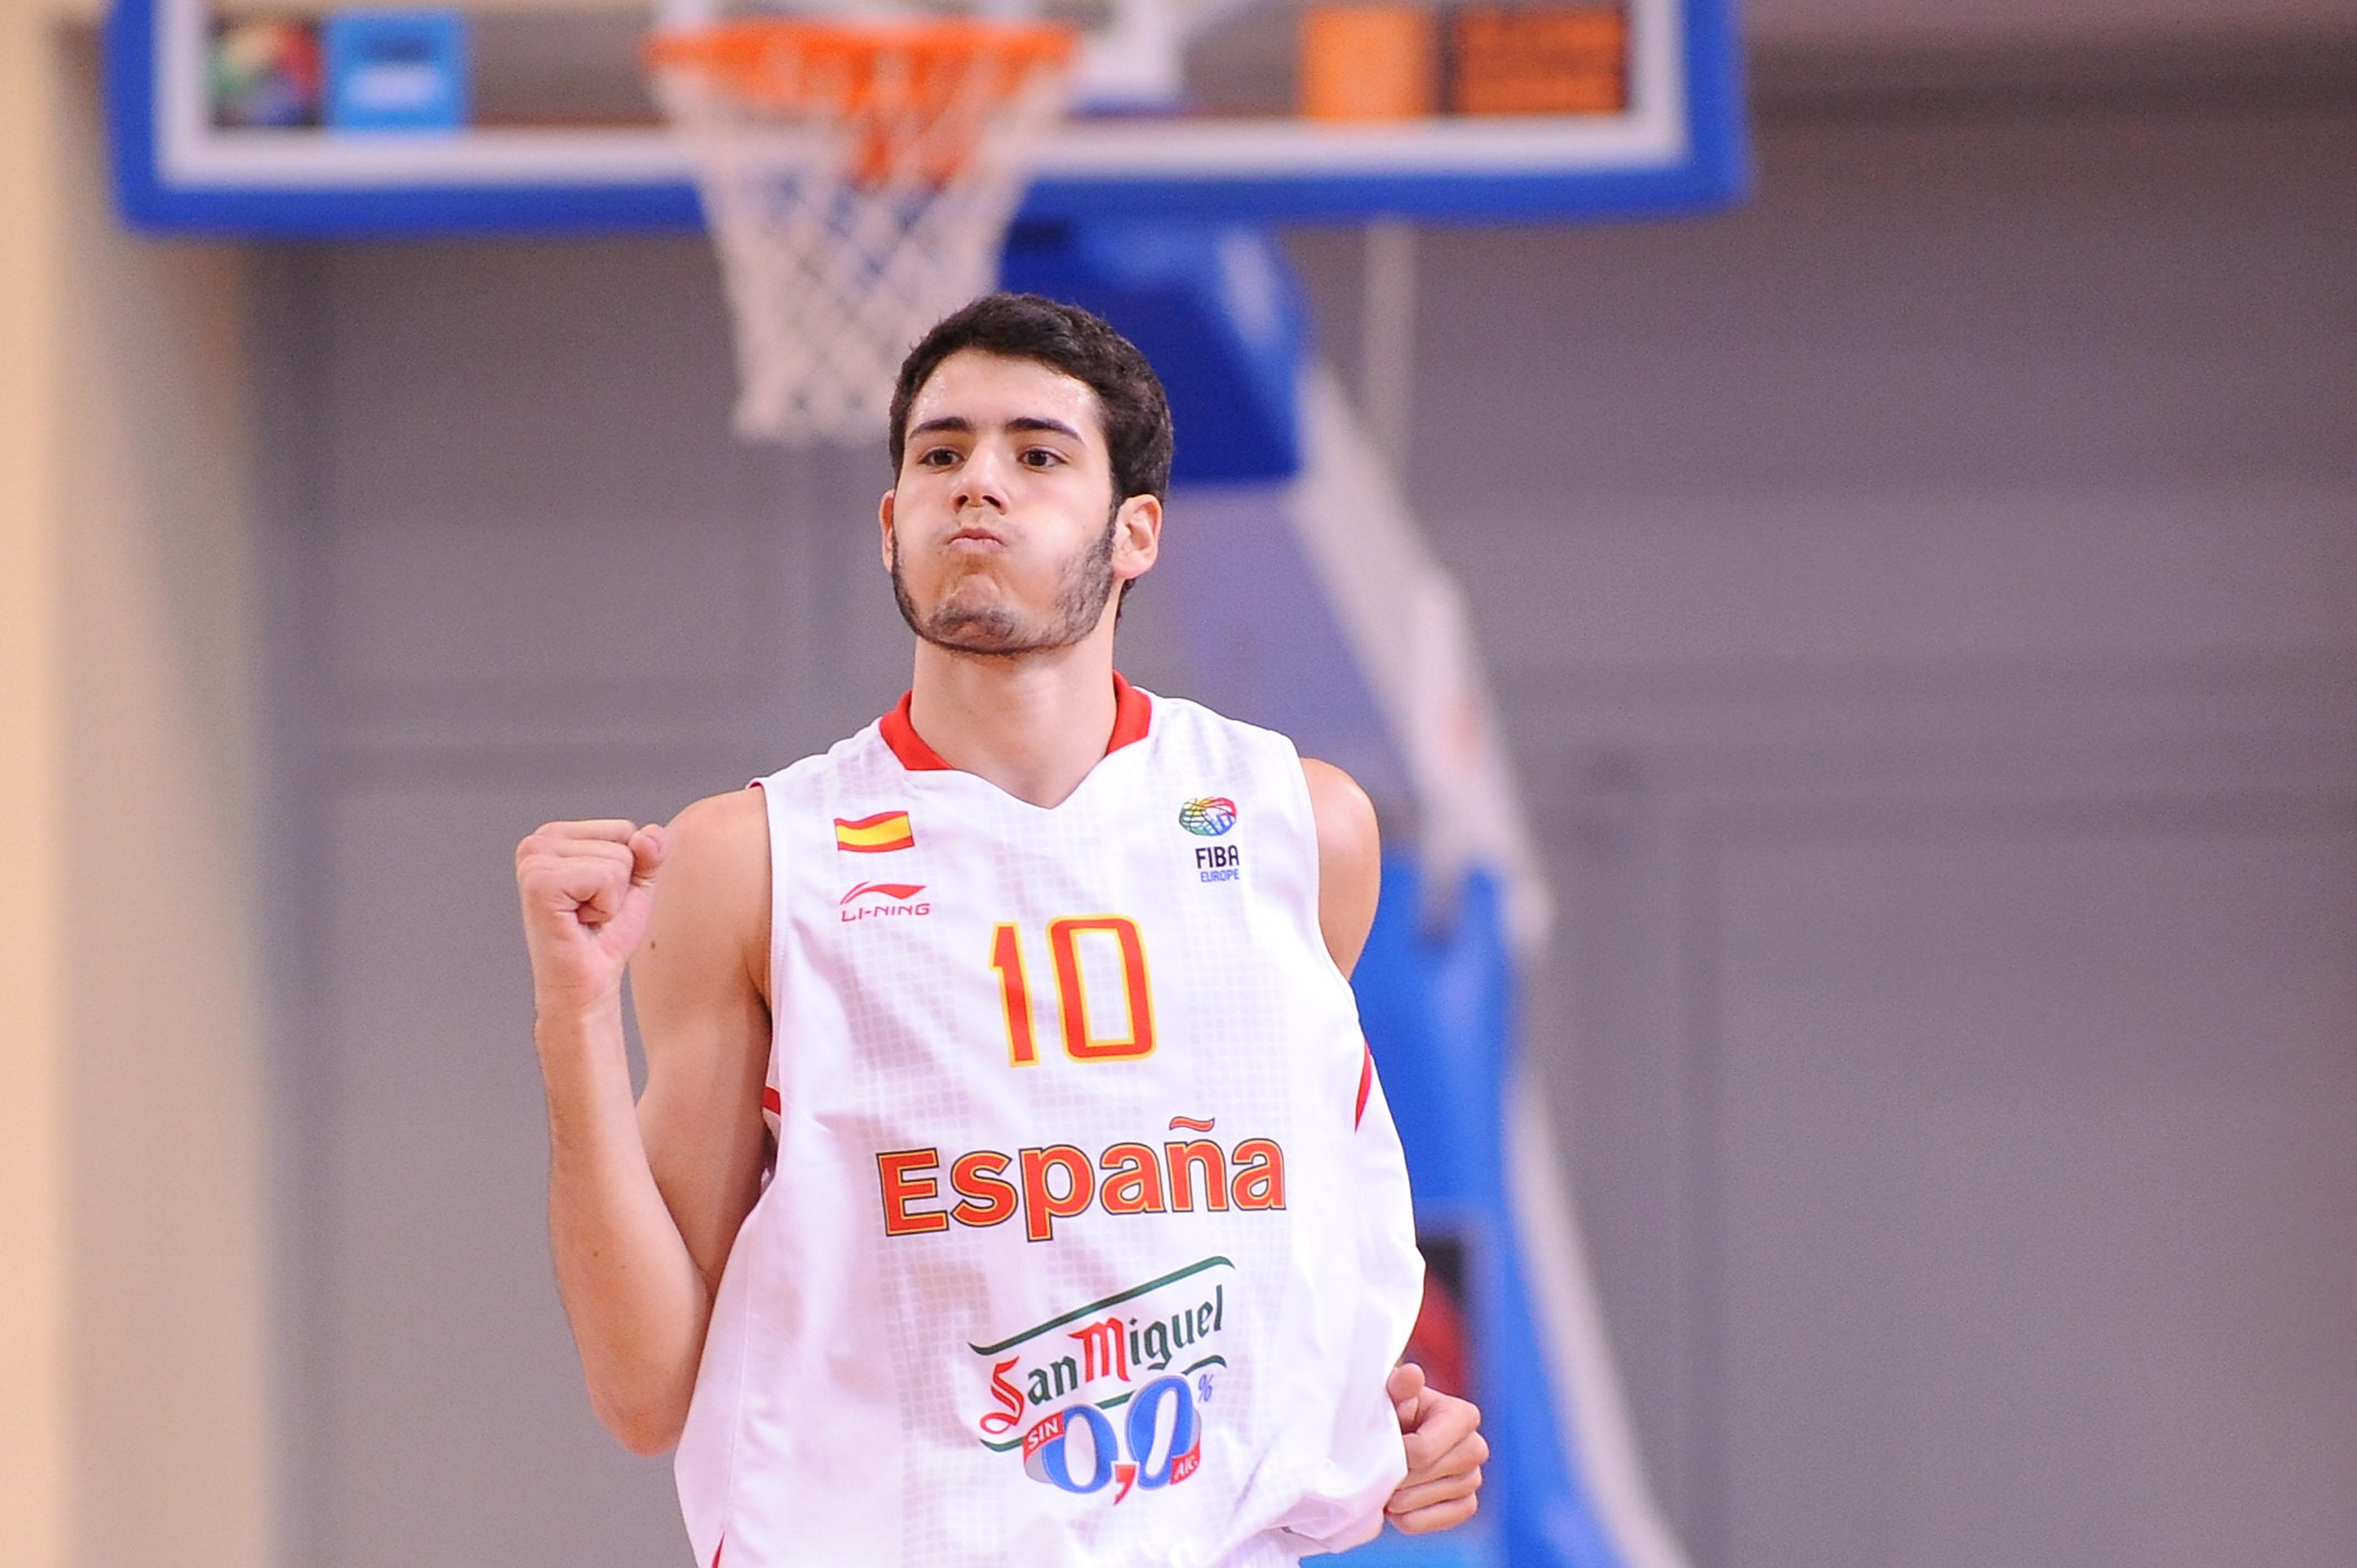 Álex Abrines está llamado a ocupar el puesto de Juan Carlos Navarro en el Barça y la selección | ©Federación Española de Baloncesto